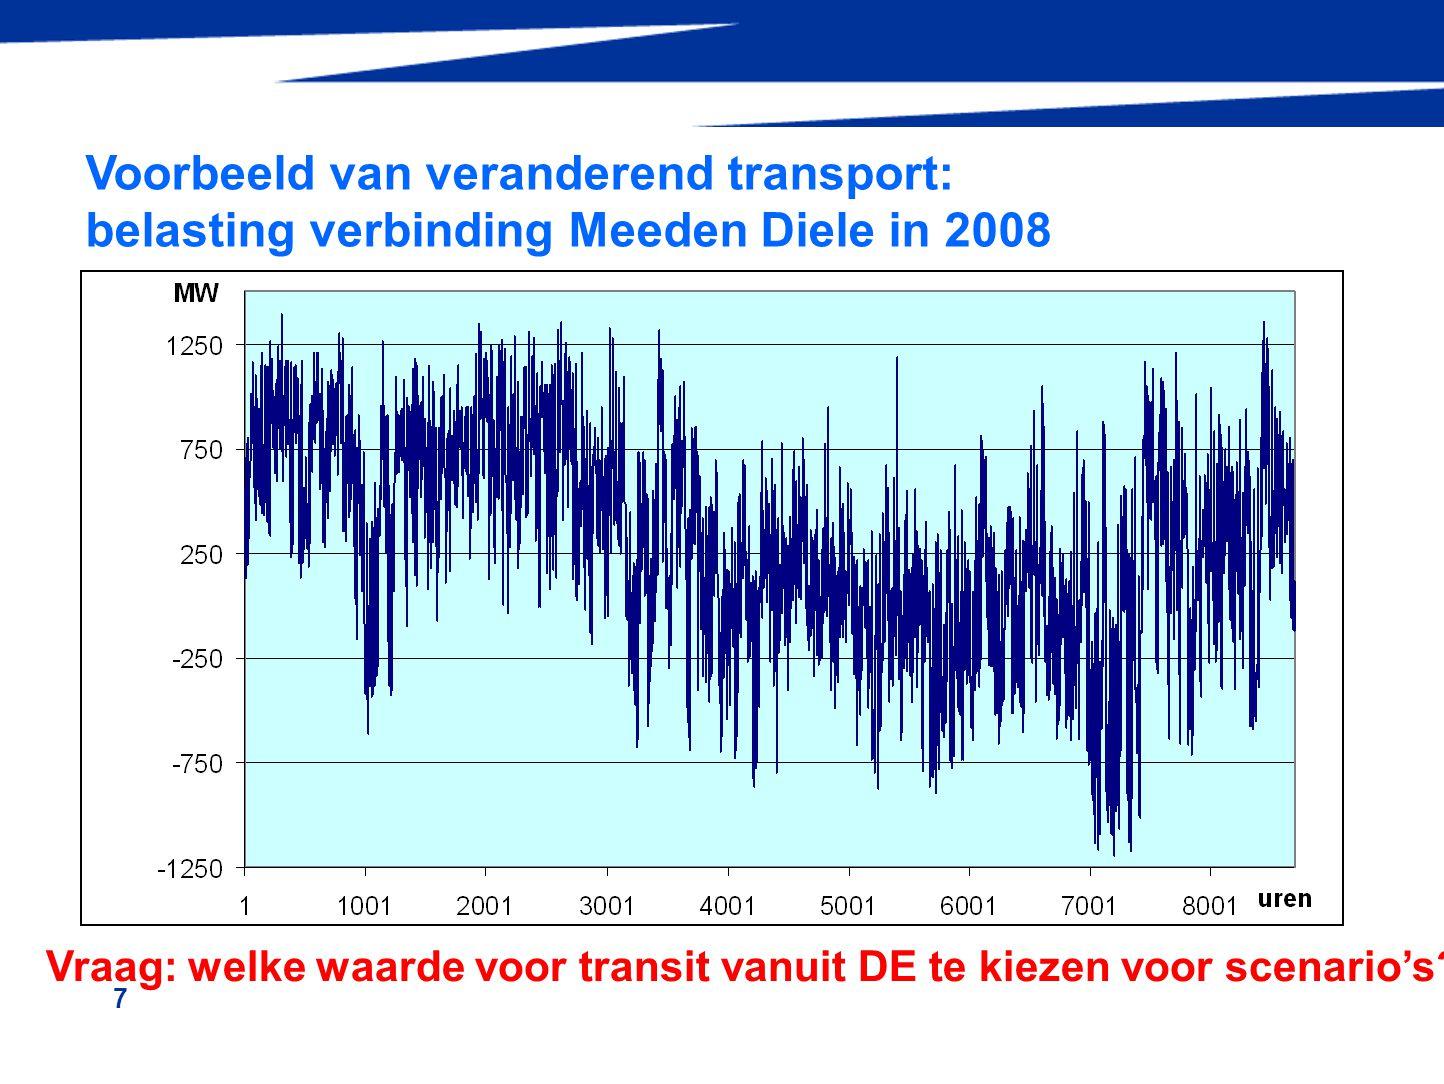 8 380 kV Opbouw Nederlands netten en interacties EHV bij TenneT HV bij TenneT MS bij RNB s LS bij RNB s MS+LS distributienetten 110 kV 150 kV load 220 kV Import/ Export/ transits MS+LS distributienetten load